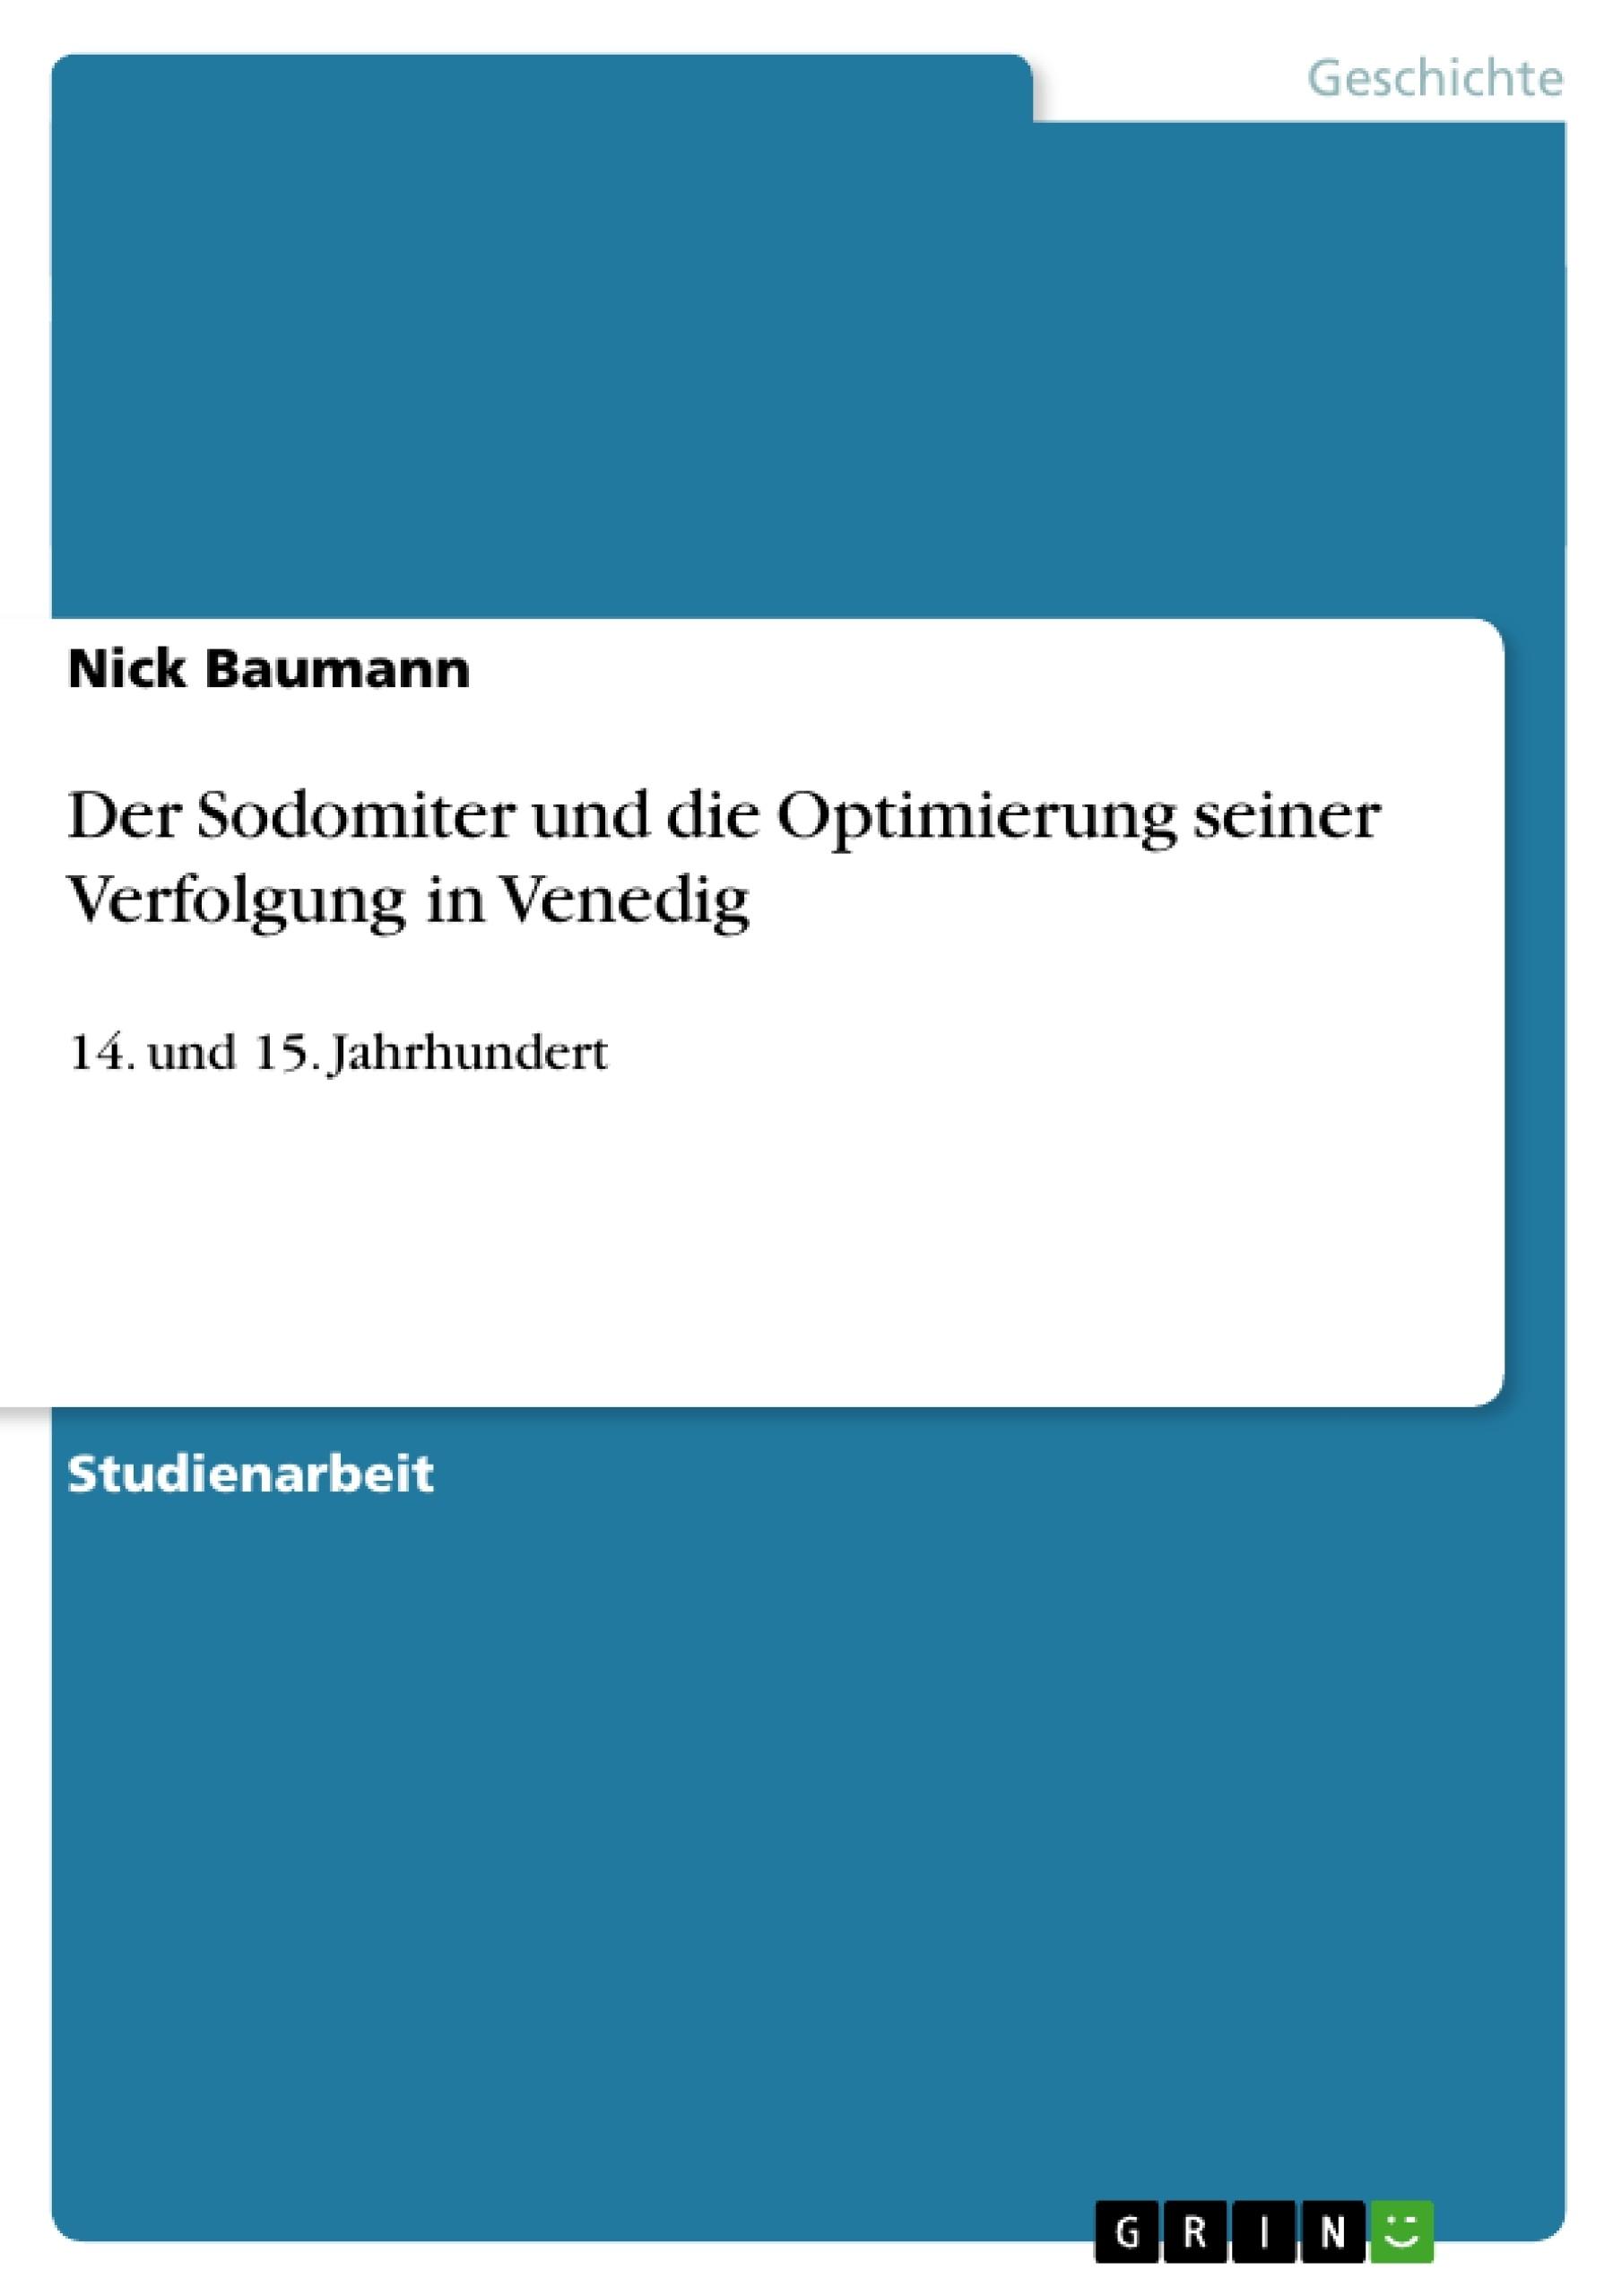 Titel: Der Sodomiter und die Optimierung seiner Verfolgung in Venedig